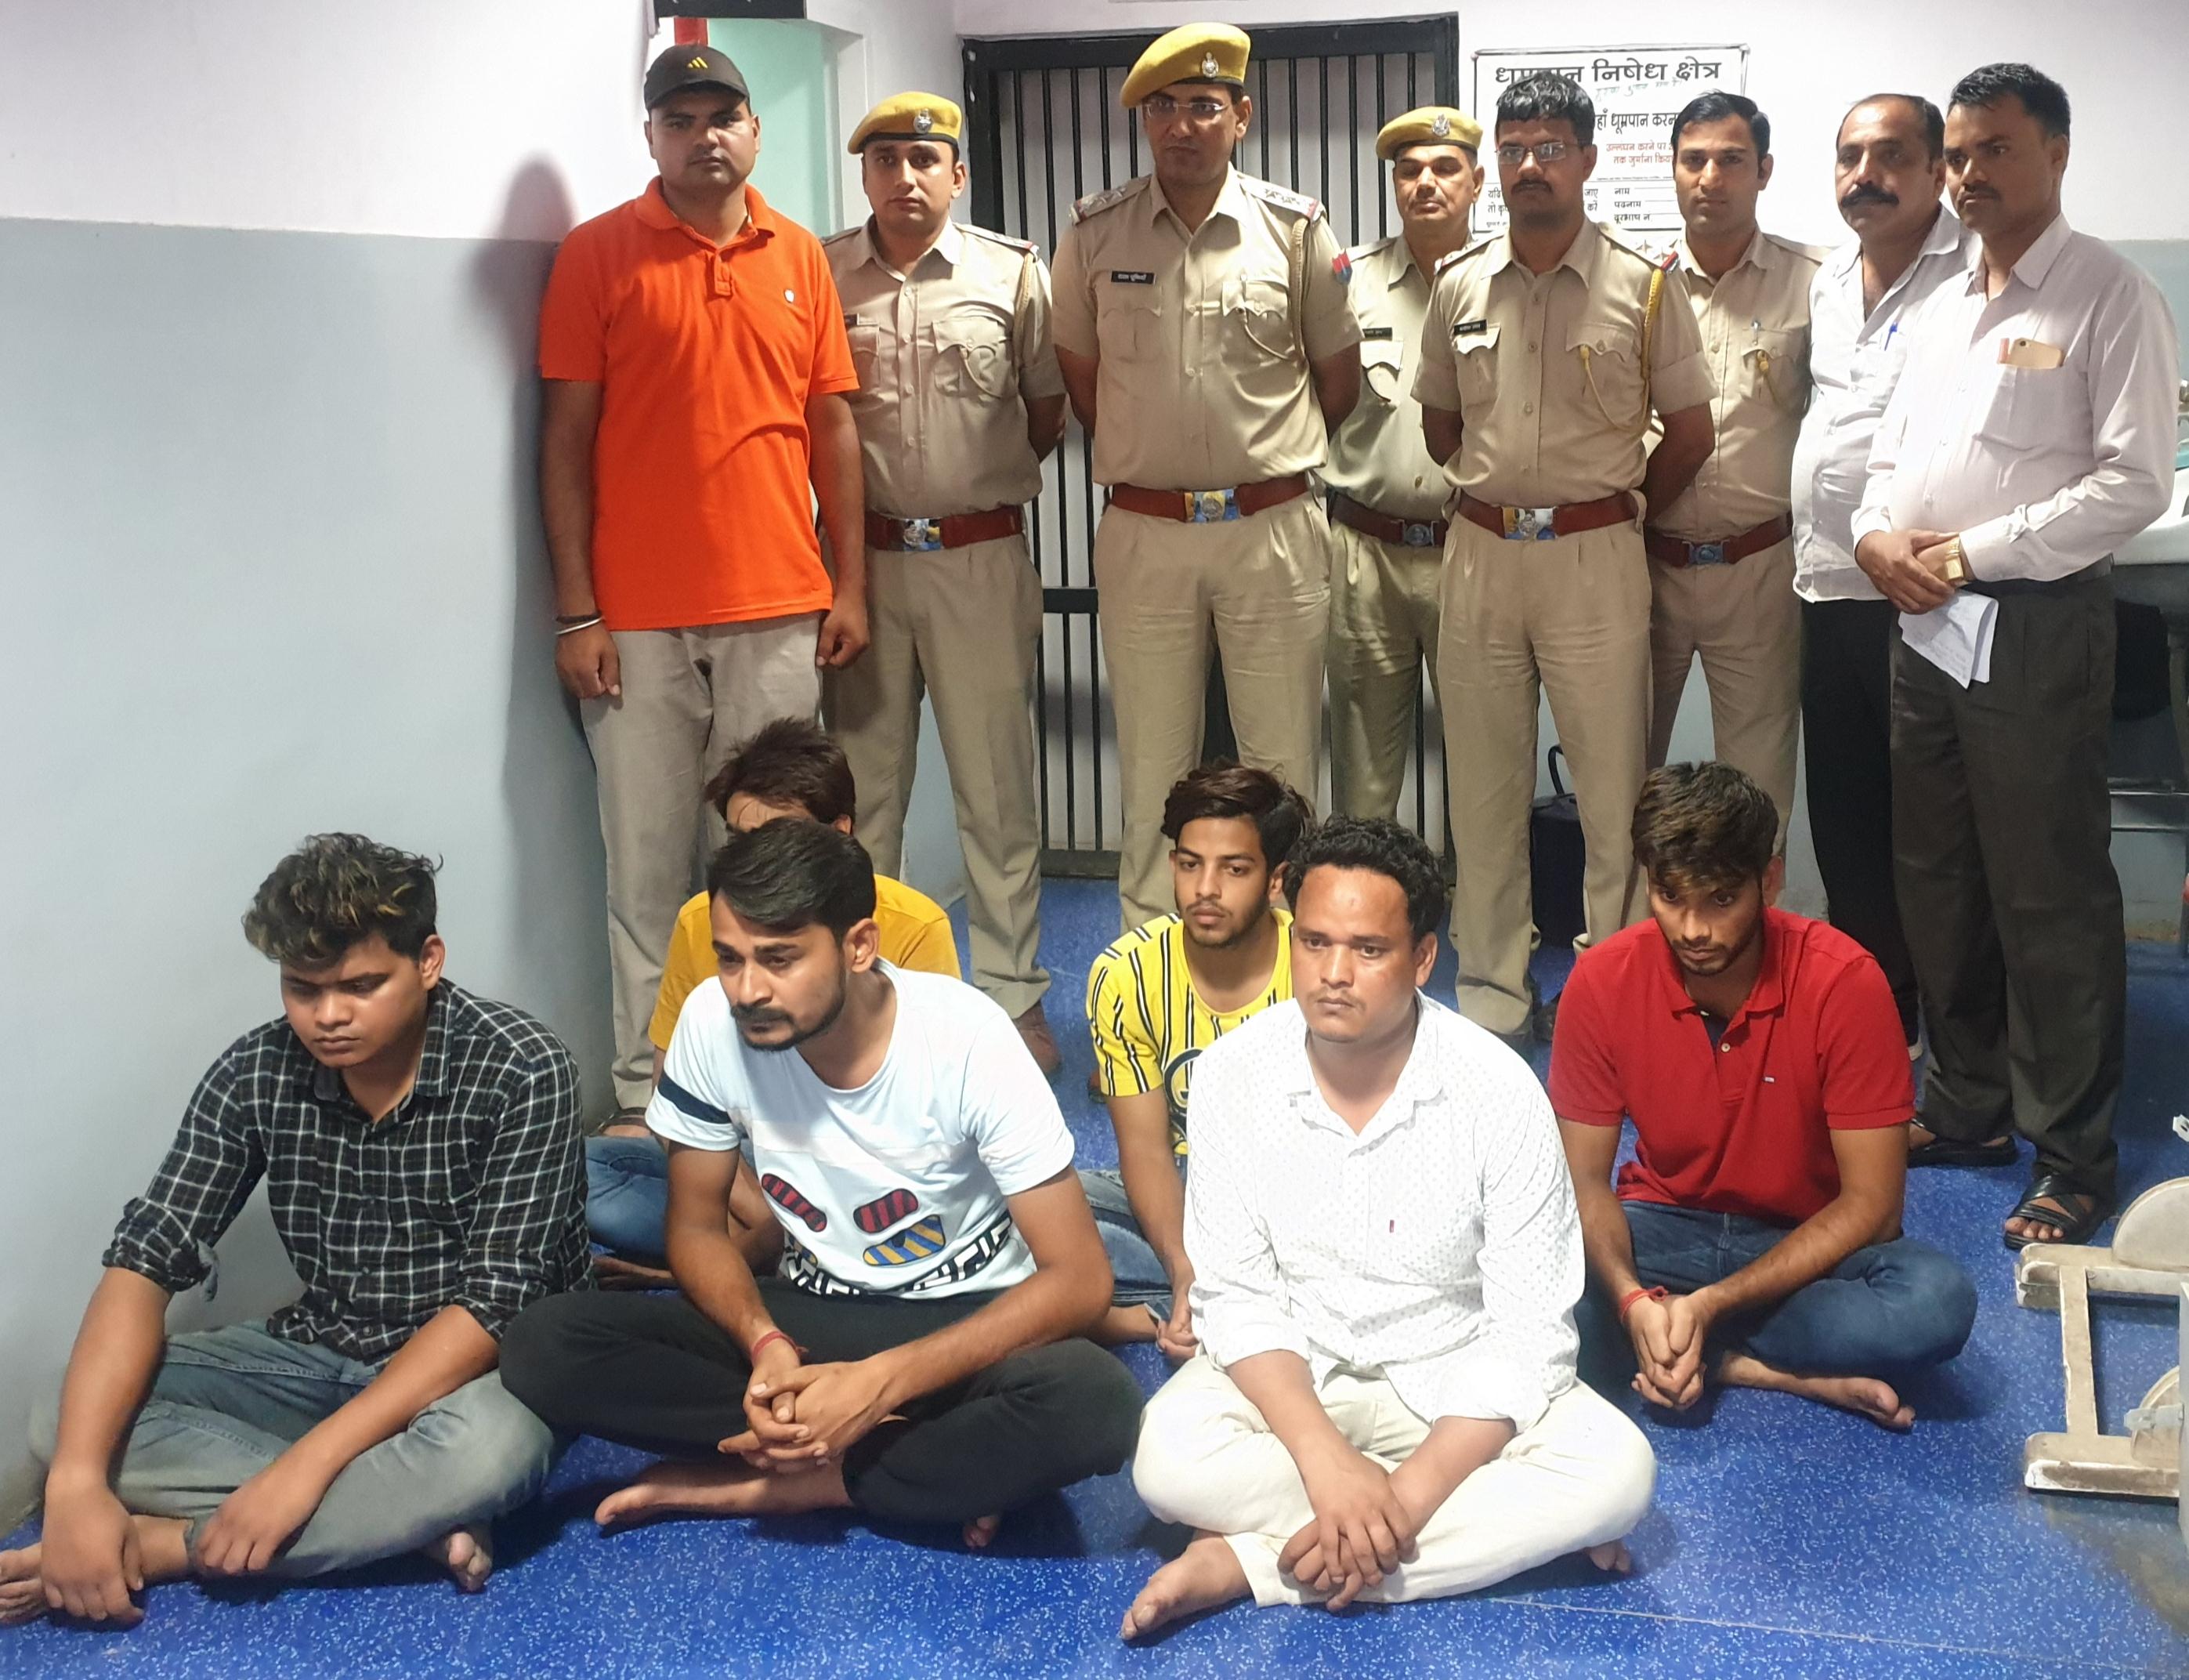 ऑनलाइन ठग गिरोह का पर्दाफाश, दिल्ली से छह युवक गिरफ्तार